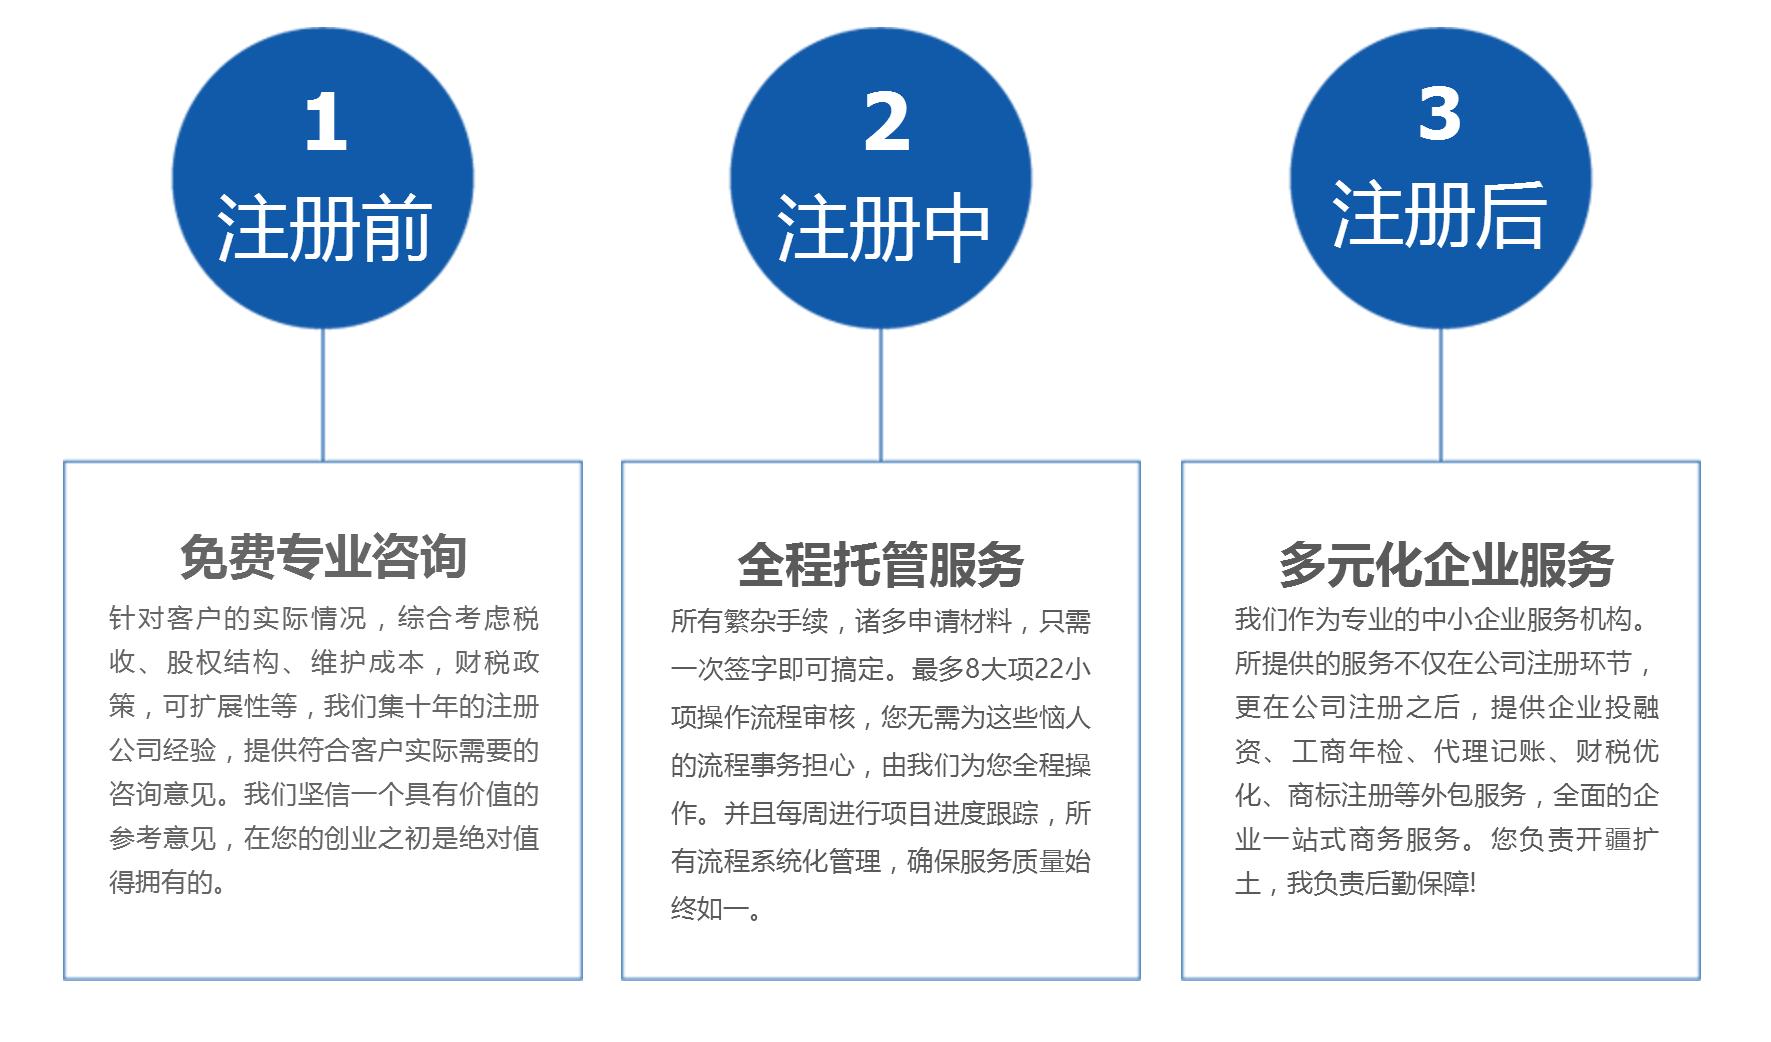 上海松江注册公司优势